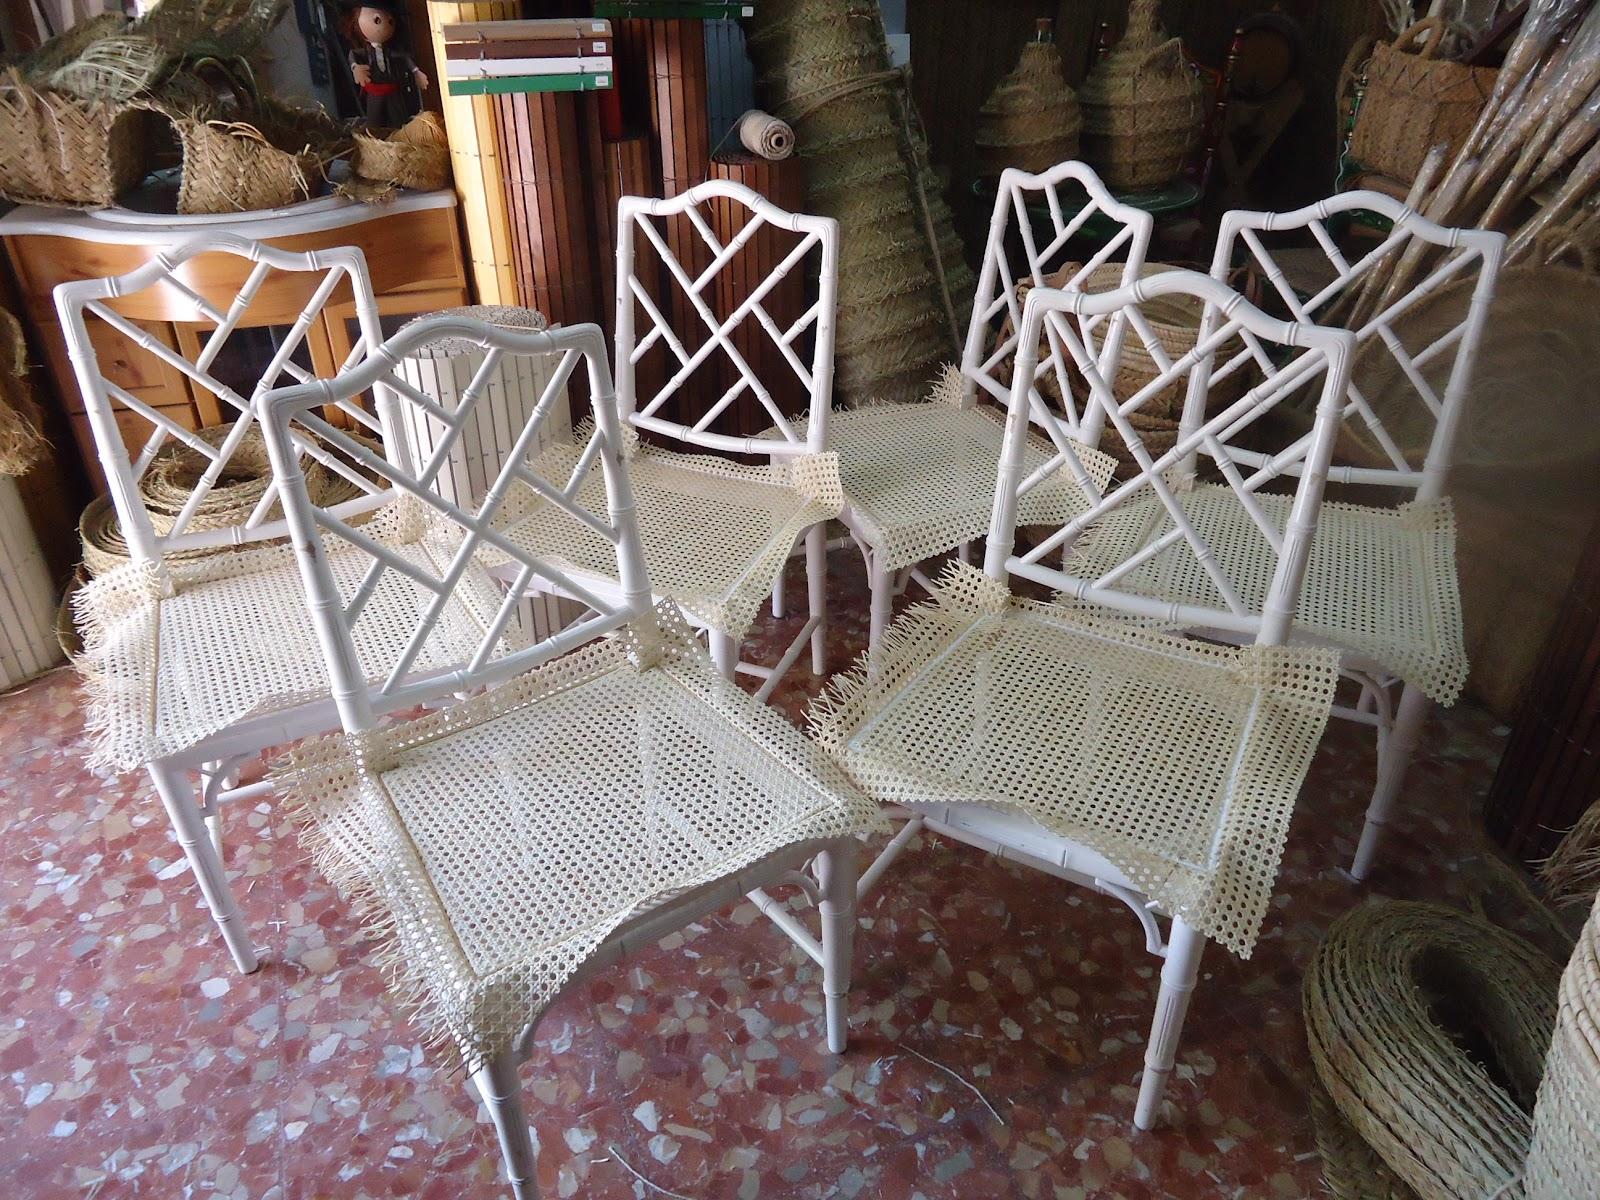 Esparter a y persianas becerra reparaciones de sillas de - Reparacion de sillas de rejilla ...